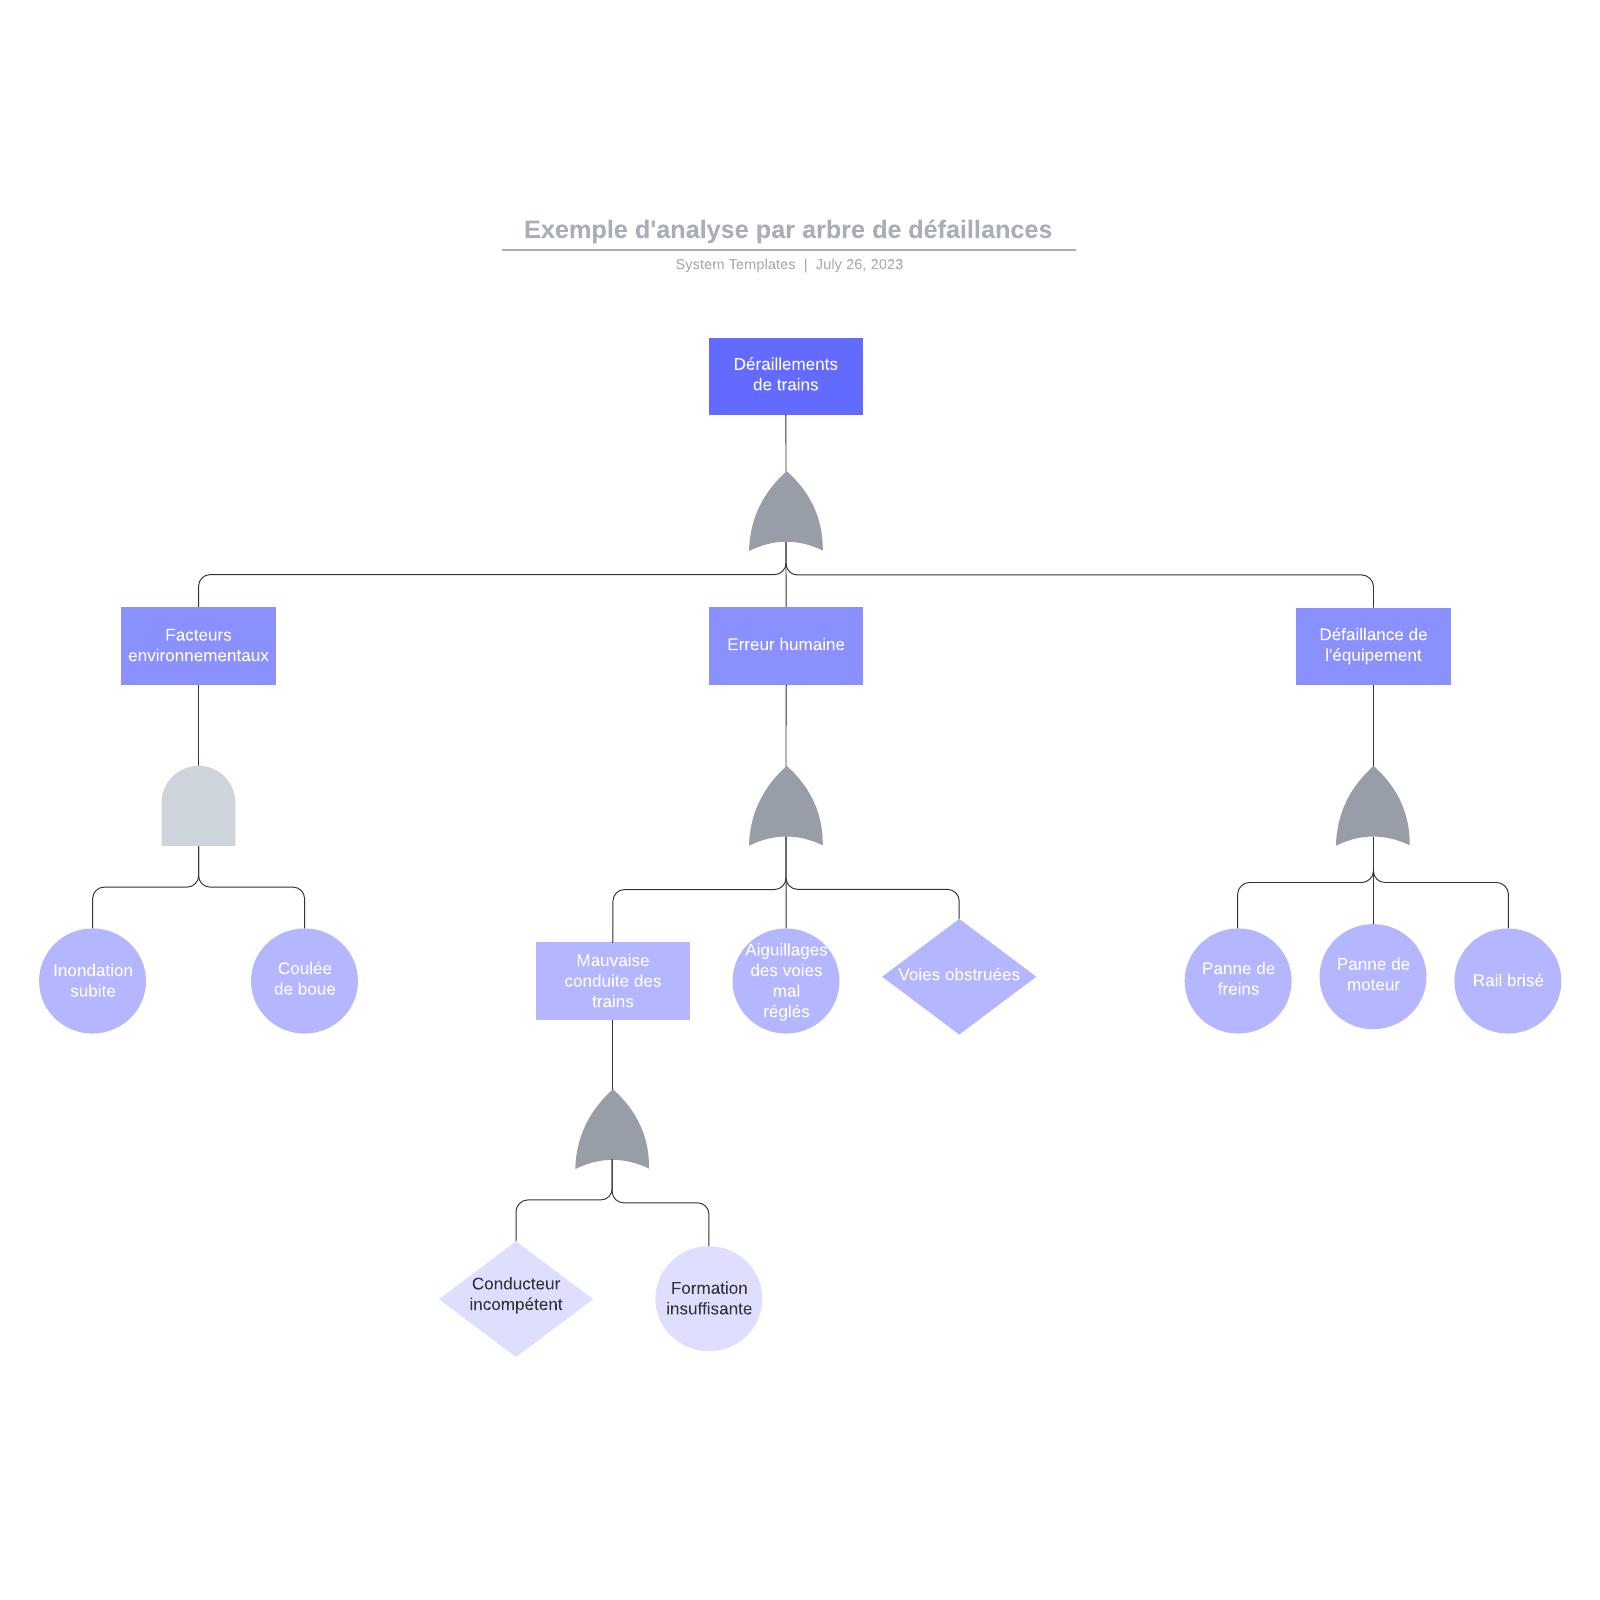 exemple d'analyse par arbre de défaillance